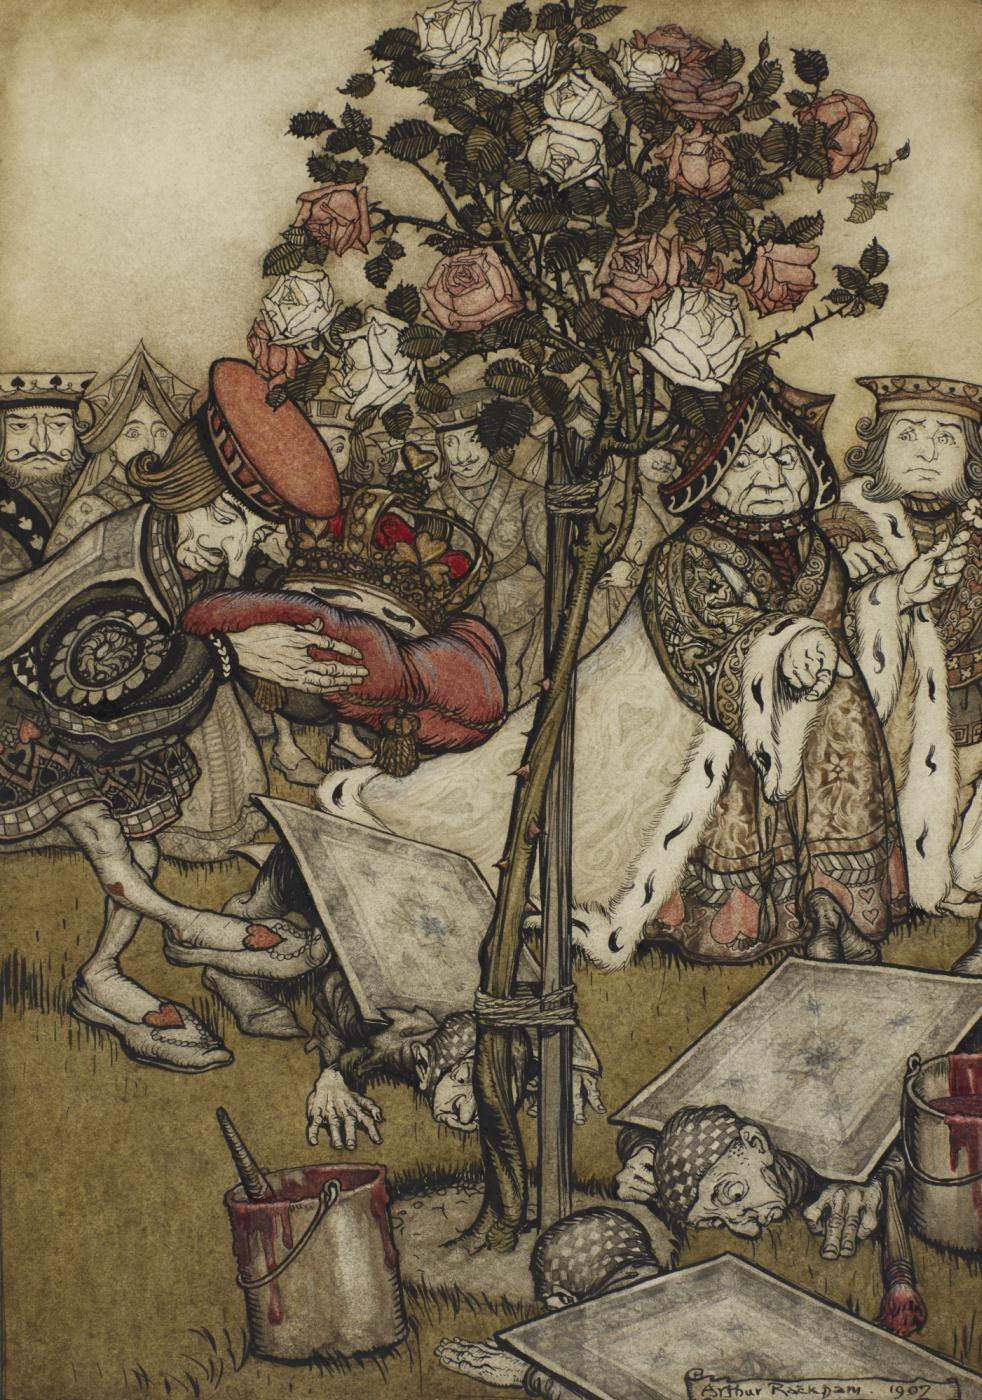 """Arthur Rackham. In the rose garden. Illustration for the fairy tale """"Alice in Wonderland"""""""